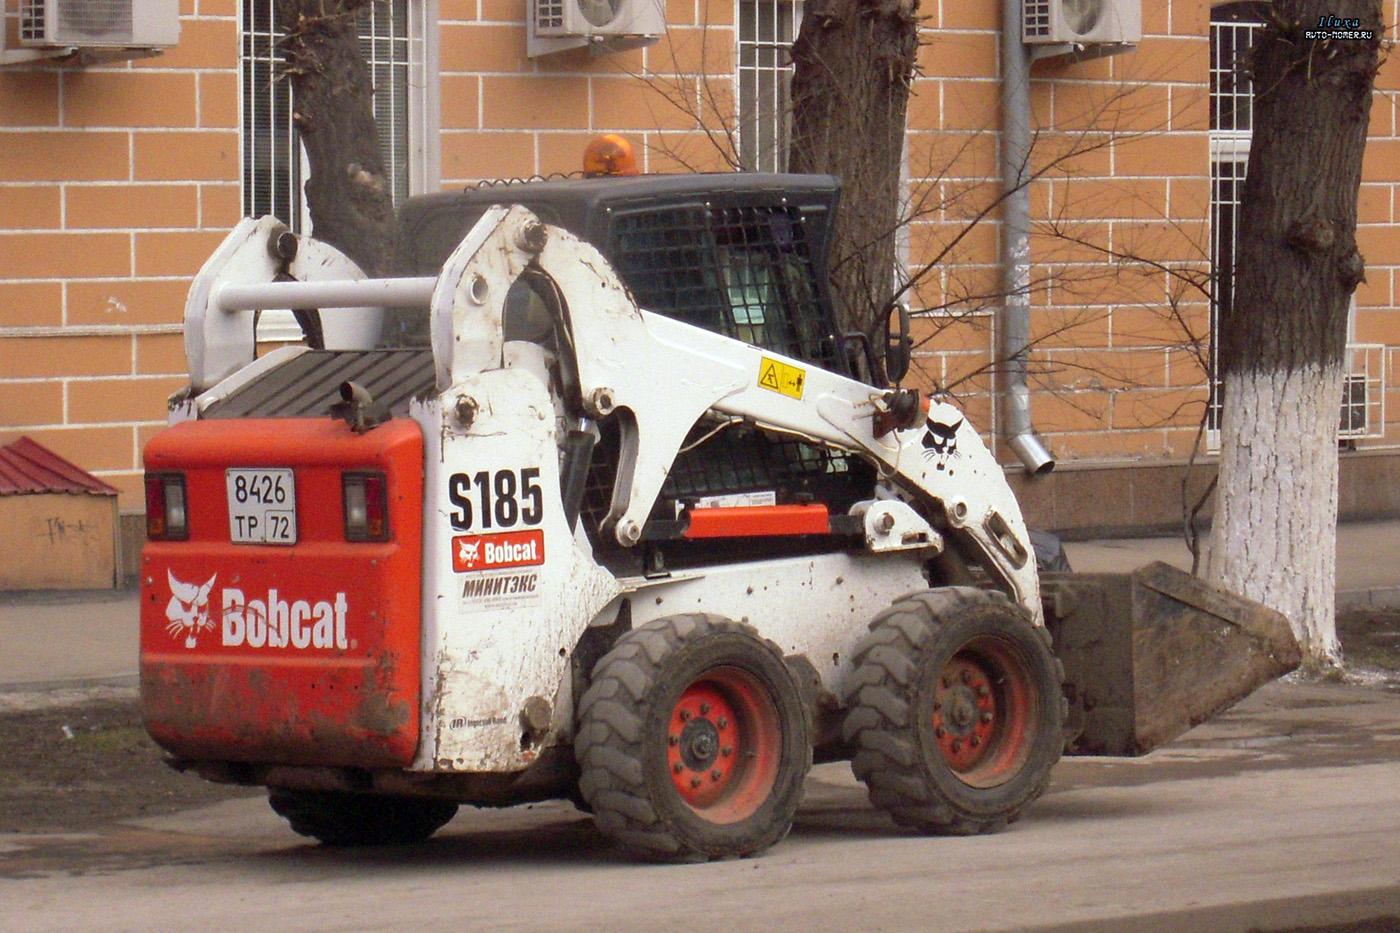 Фронтальный погрузчик Bobcat S185 #8426 ТР 72 . Тюмень